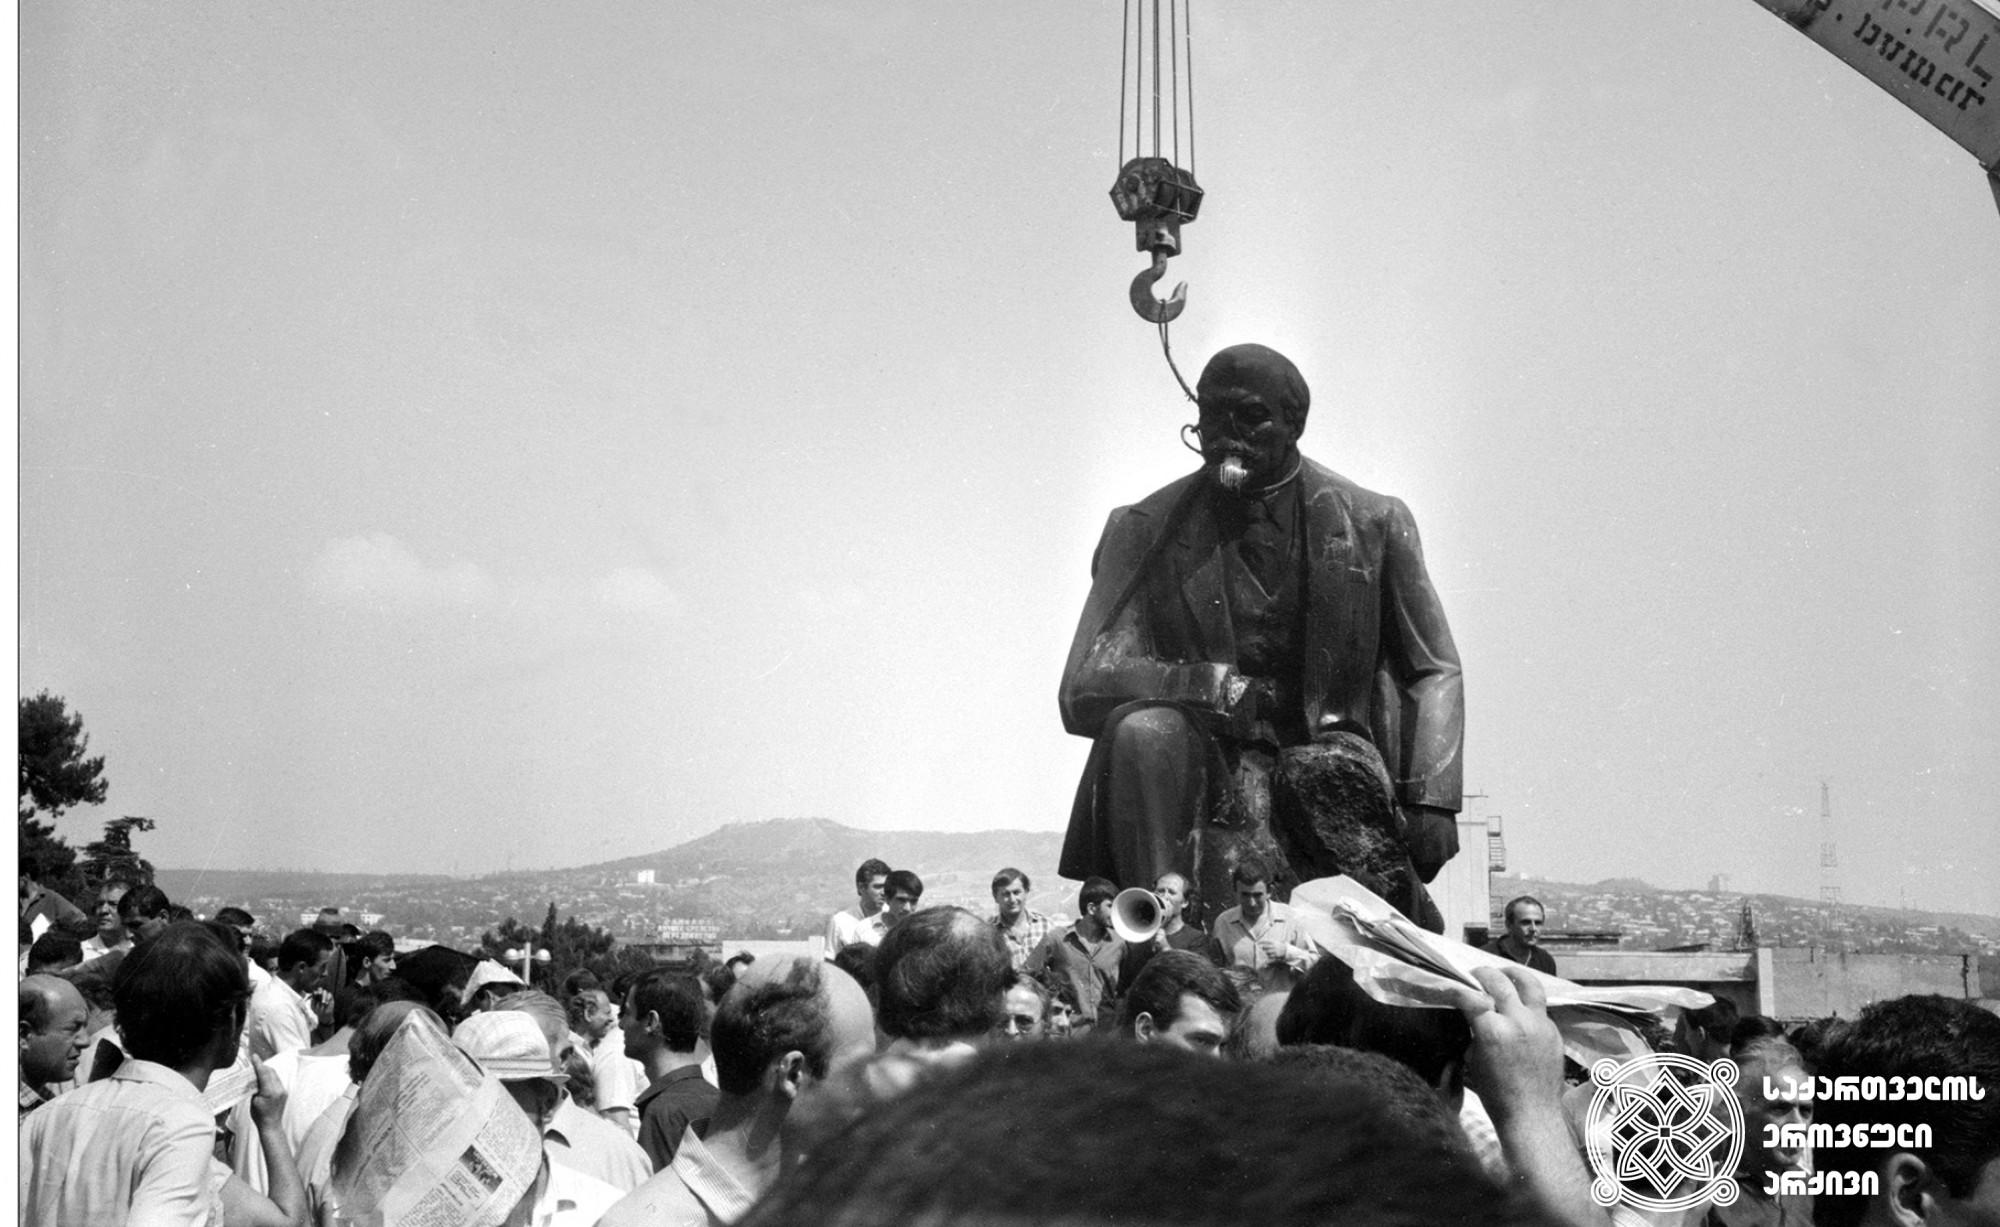 ლენინის ძეგლის დემონტაჟი კომპარტიის ცენტრალური კომიტეტის შენობასთან (დღევანდელი საქართველოს მთავრობის კანცელარიის შენობასთან). თბილისი. <br>საქინფორმის ფოტოქრონიკა. ფოტო: მალხაზ დათიკაშვილი. <br>1990.<br> Dismantling of Lenin Monument in Front of the Building of Central Committee of the Communist Party (Today Building of the Chancellery of the Government of Georgia). Tbilisi. <br> Sakinformi Photography Division. Photo by Malkhaz Datikashvili. <br>1990